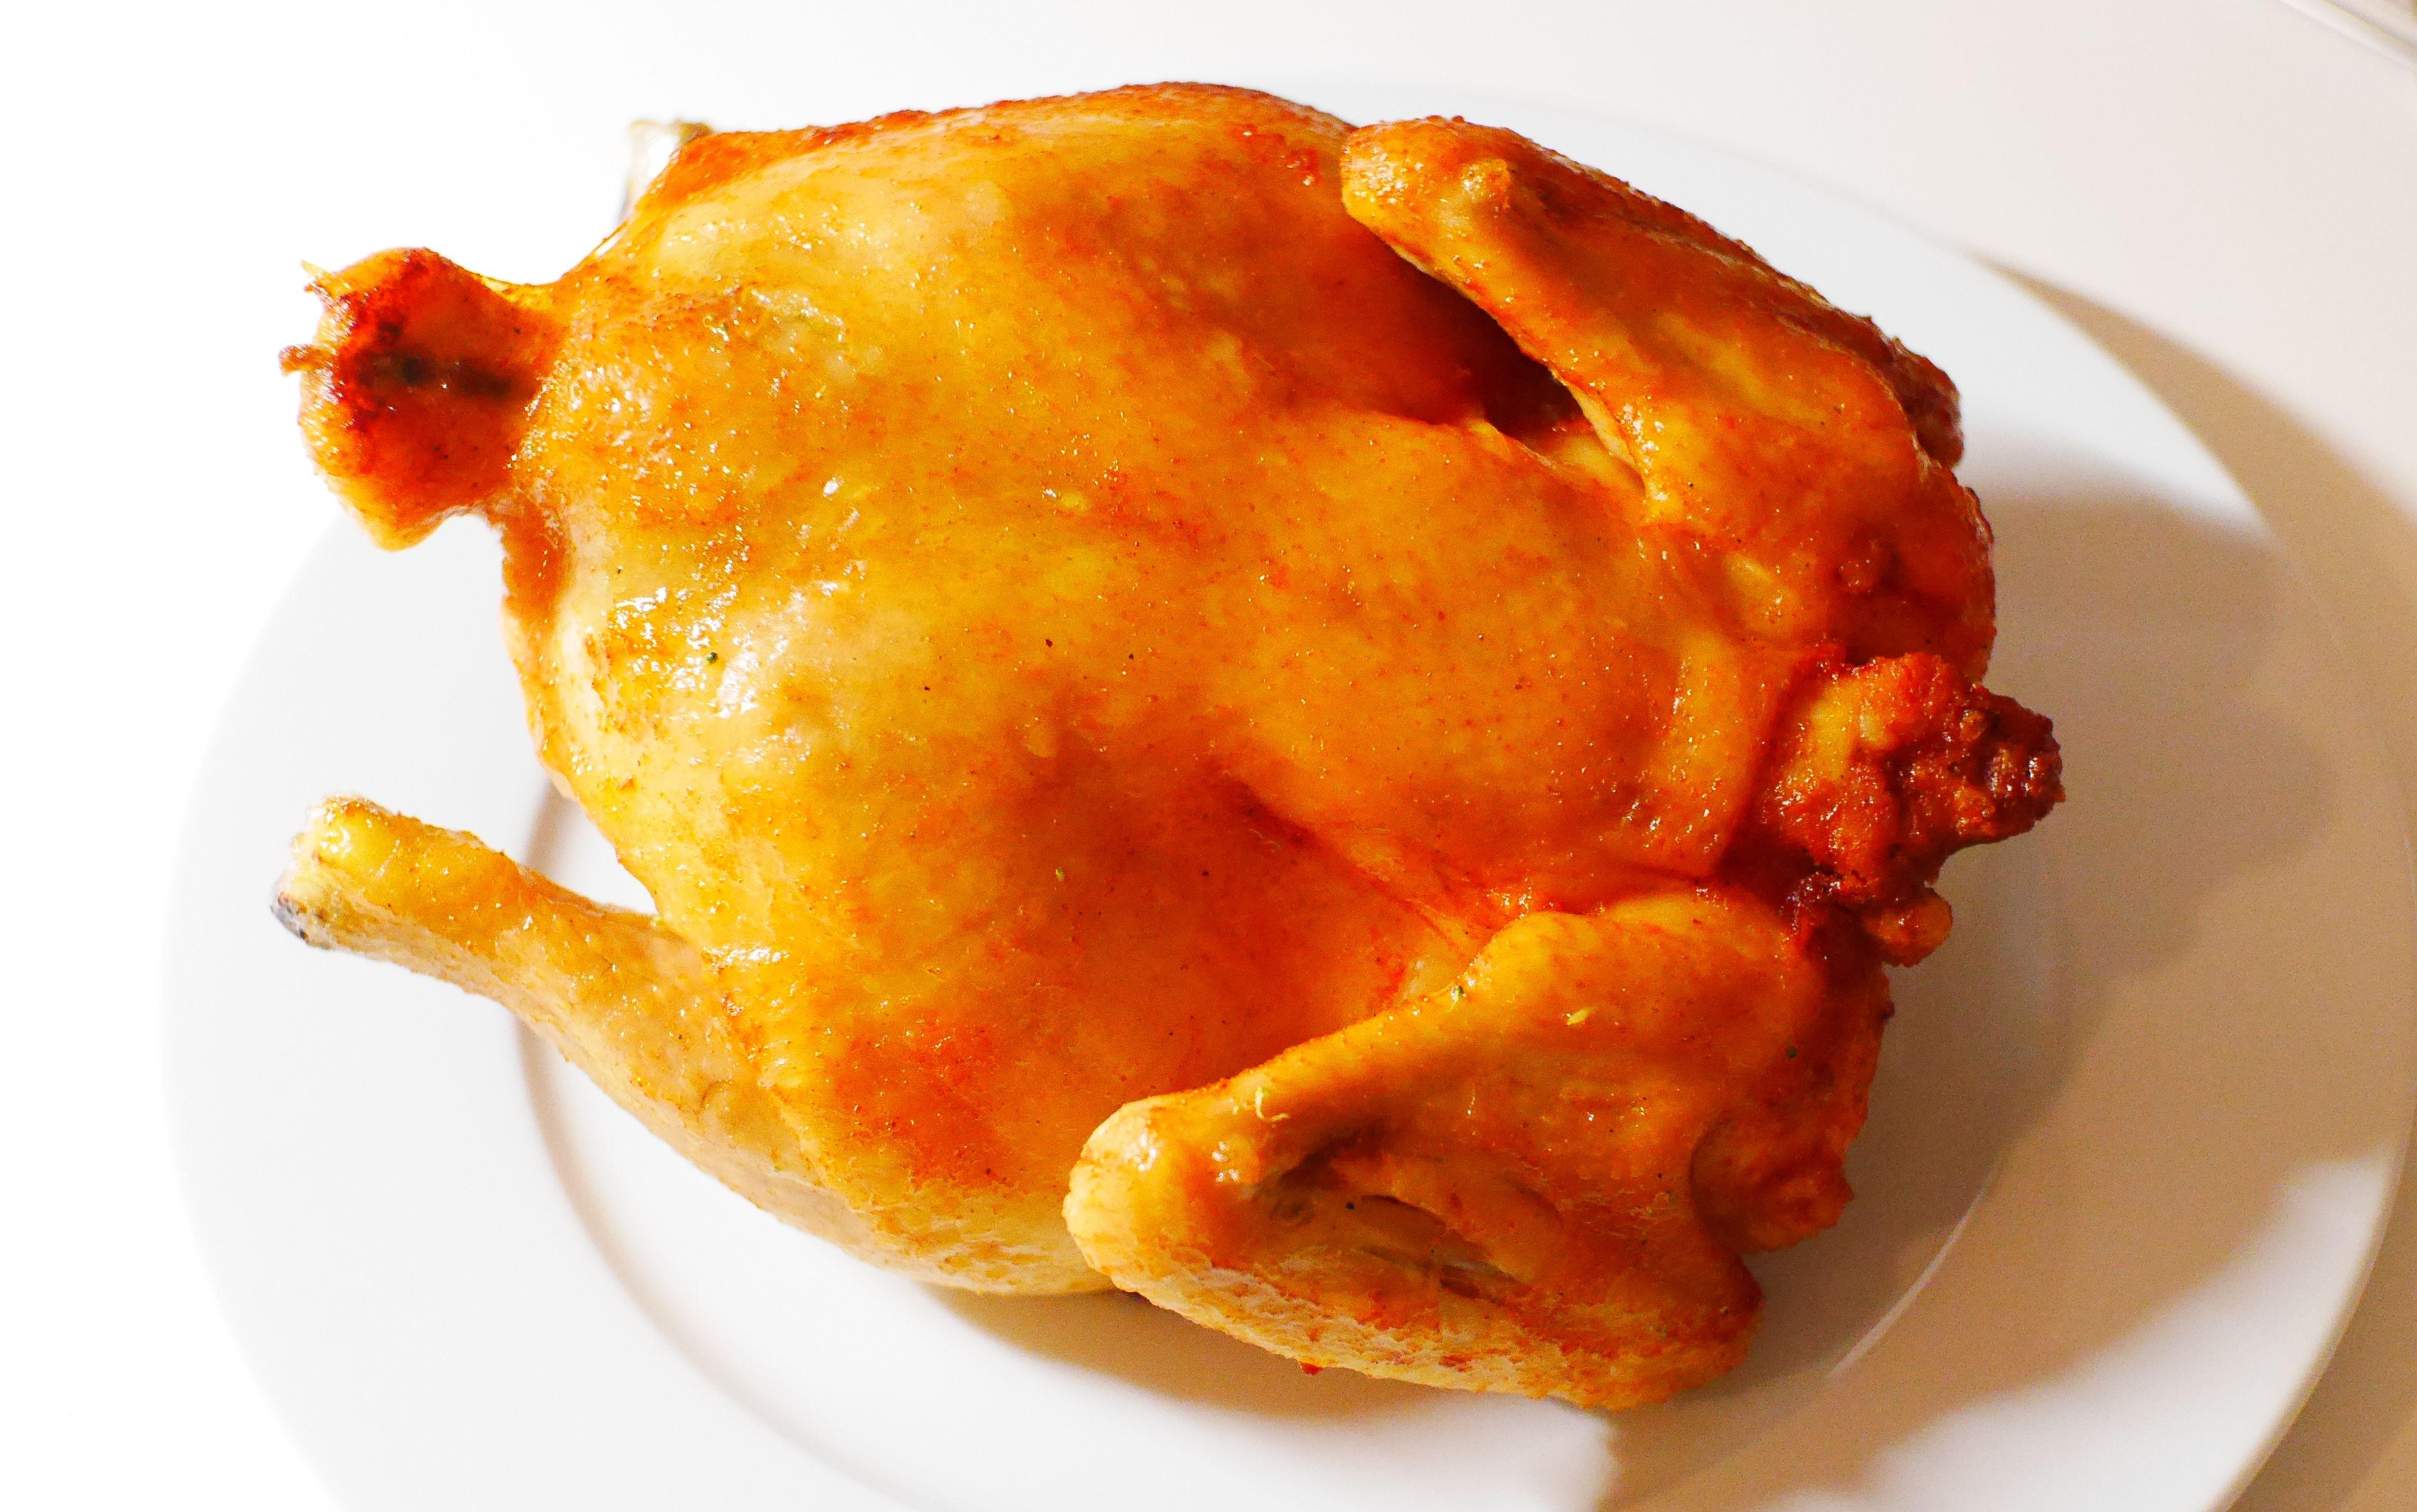 愺-�Zk�Zk�y�N�Θx_【蠢牛奶】asmr吃播 一只新奥尔良烤全鸡的养成 47